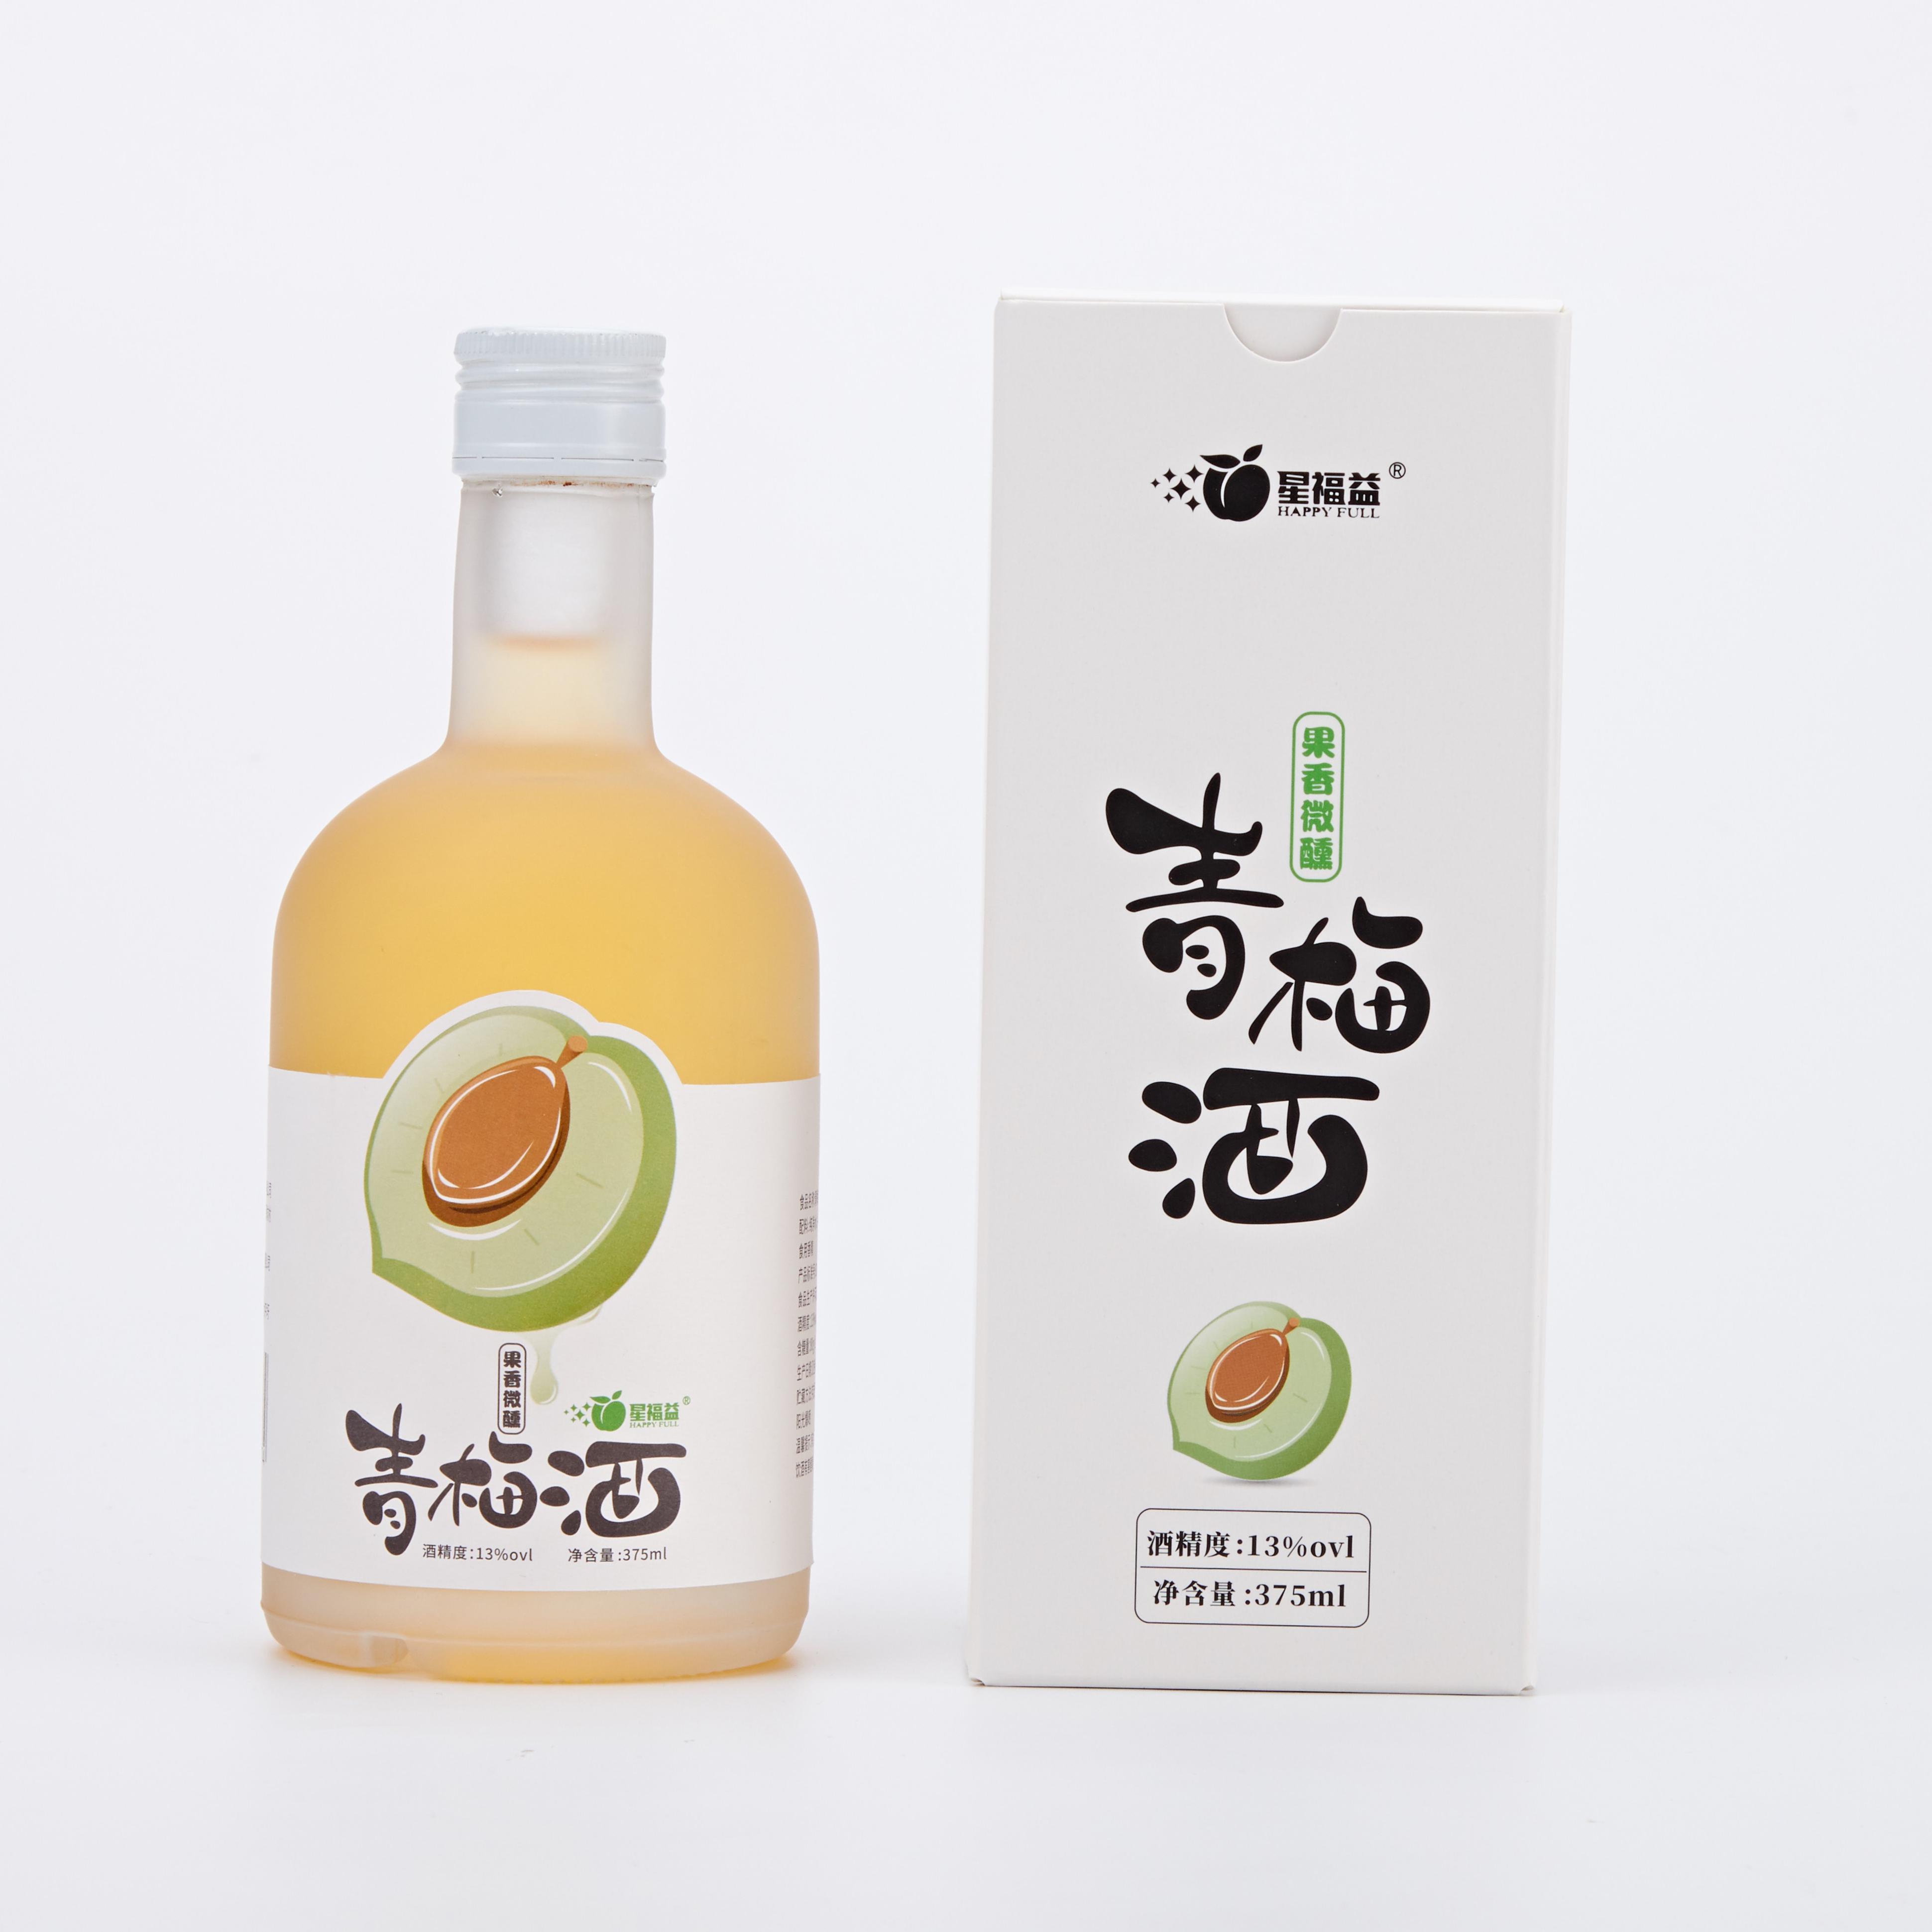 Happyfull Premium японский стиль низкая степень ABV 13% алкогольный ликер Саке Umeshu сливовое вино